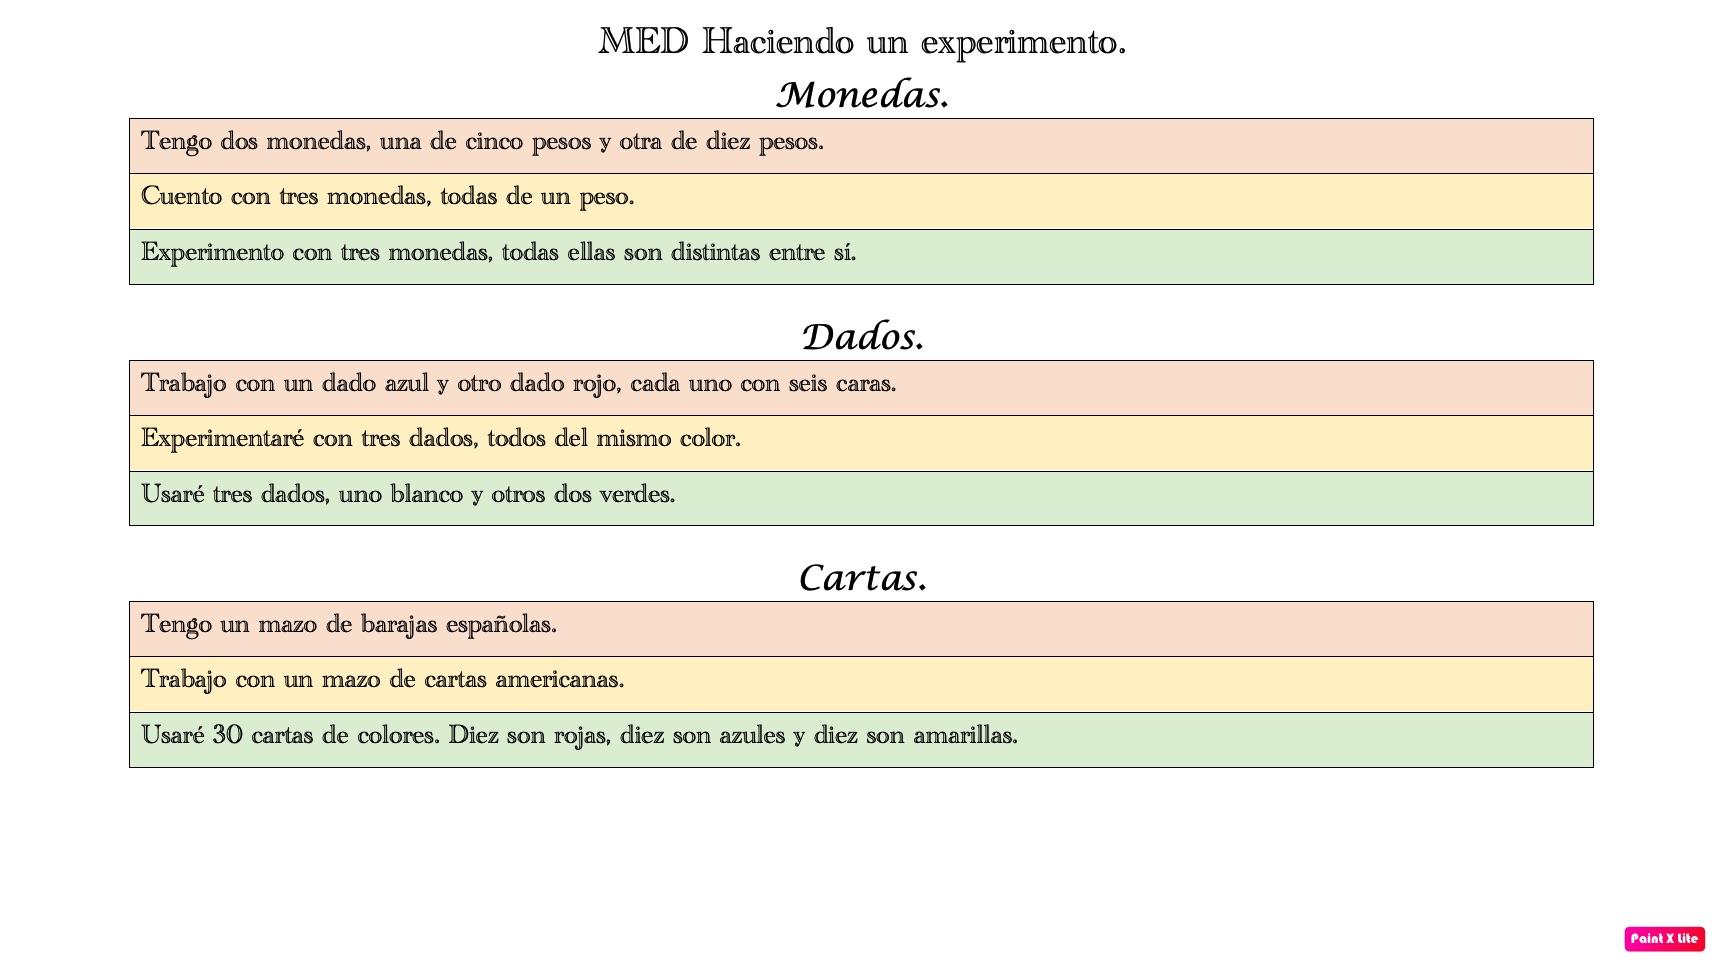 8170287948105328T284202112855_Haciendo+un+experimento.jpg